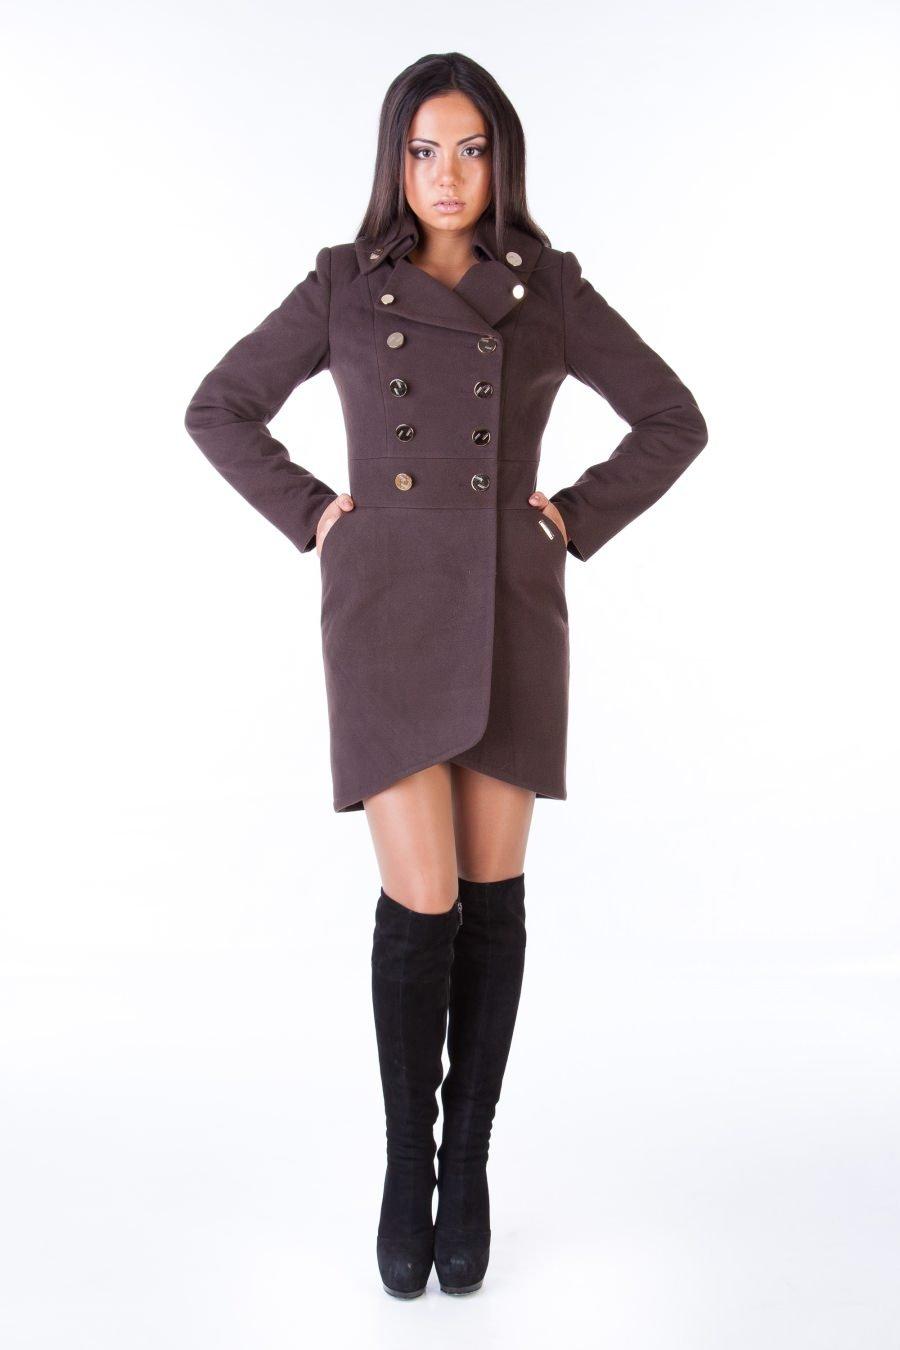 Купить оптом женское пальто недорого Пальто Кураж 90, Англ.воротник